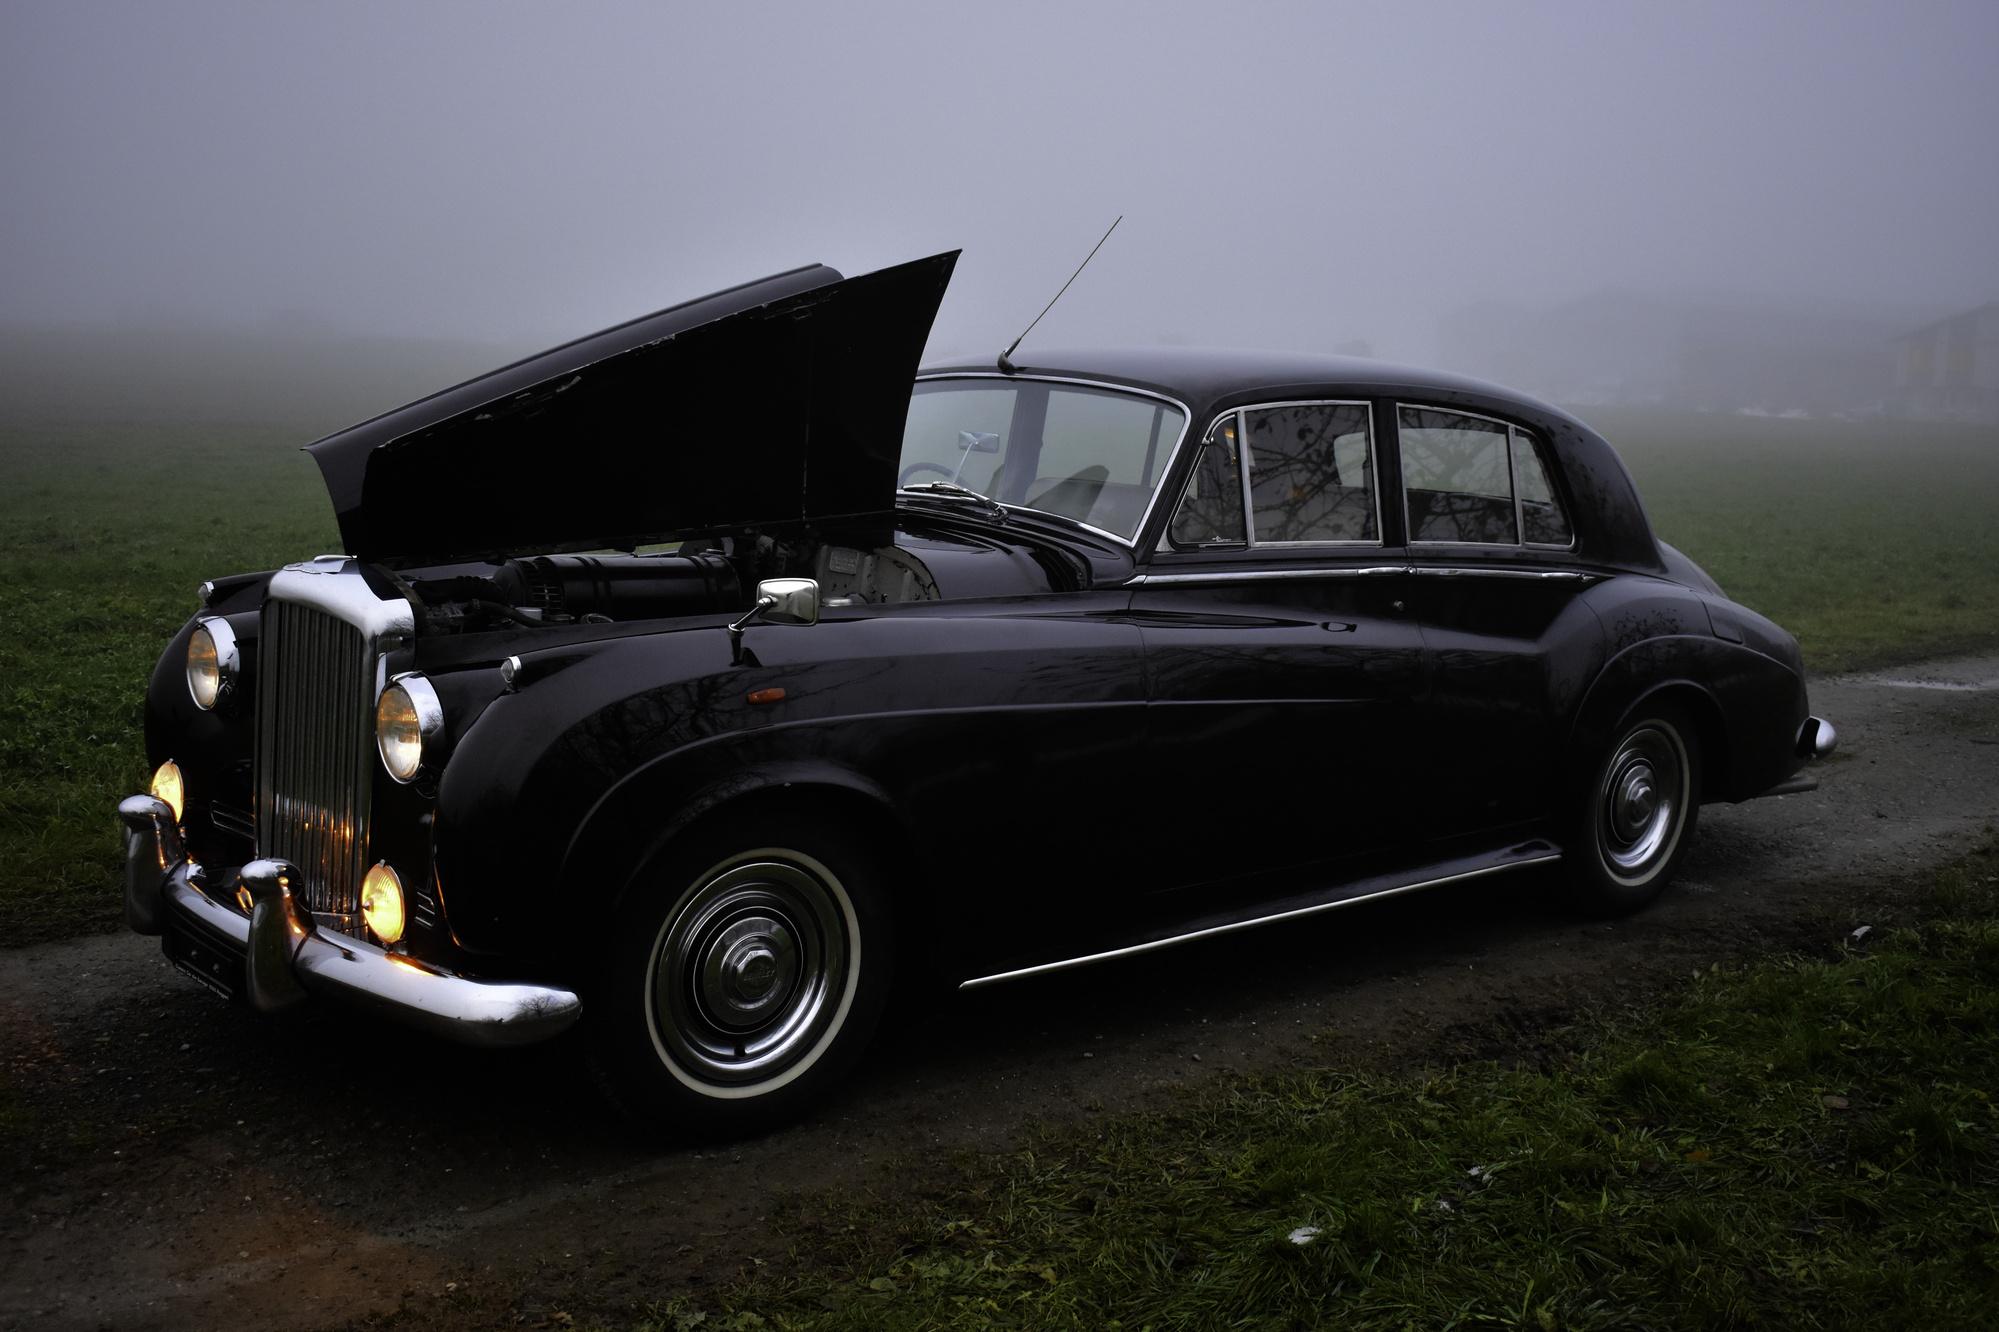 Dunkeloter 1957 Bentley Sports Saloon Series E Oldtimer Veteranenfahrzeug in Dreiviertelansicht von vorne oben rechts